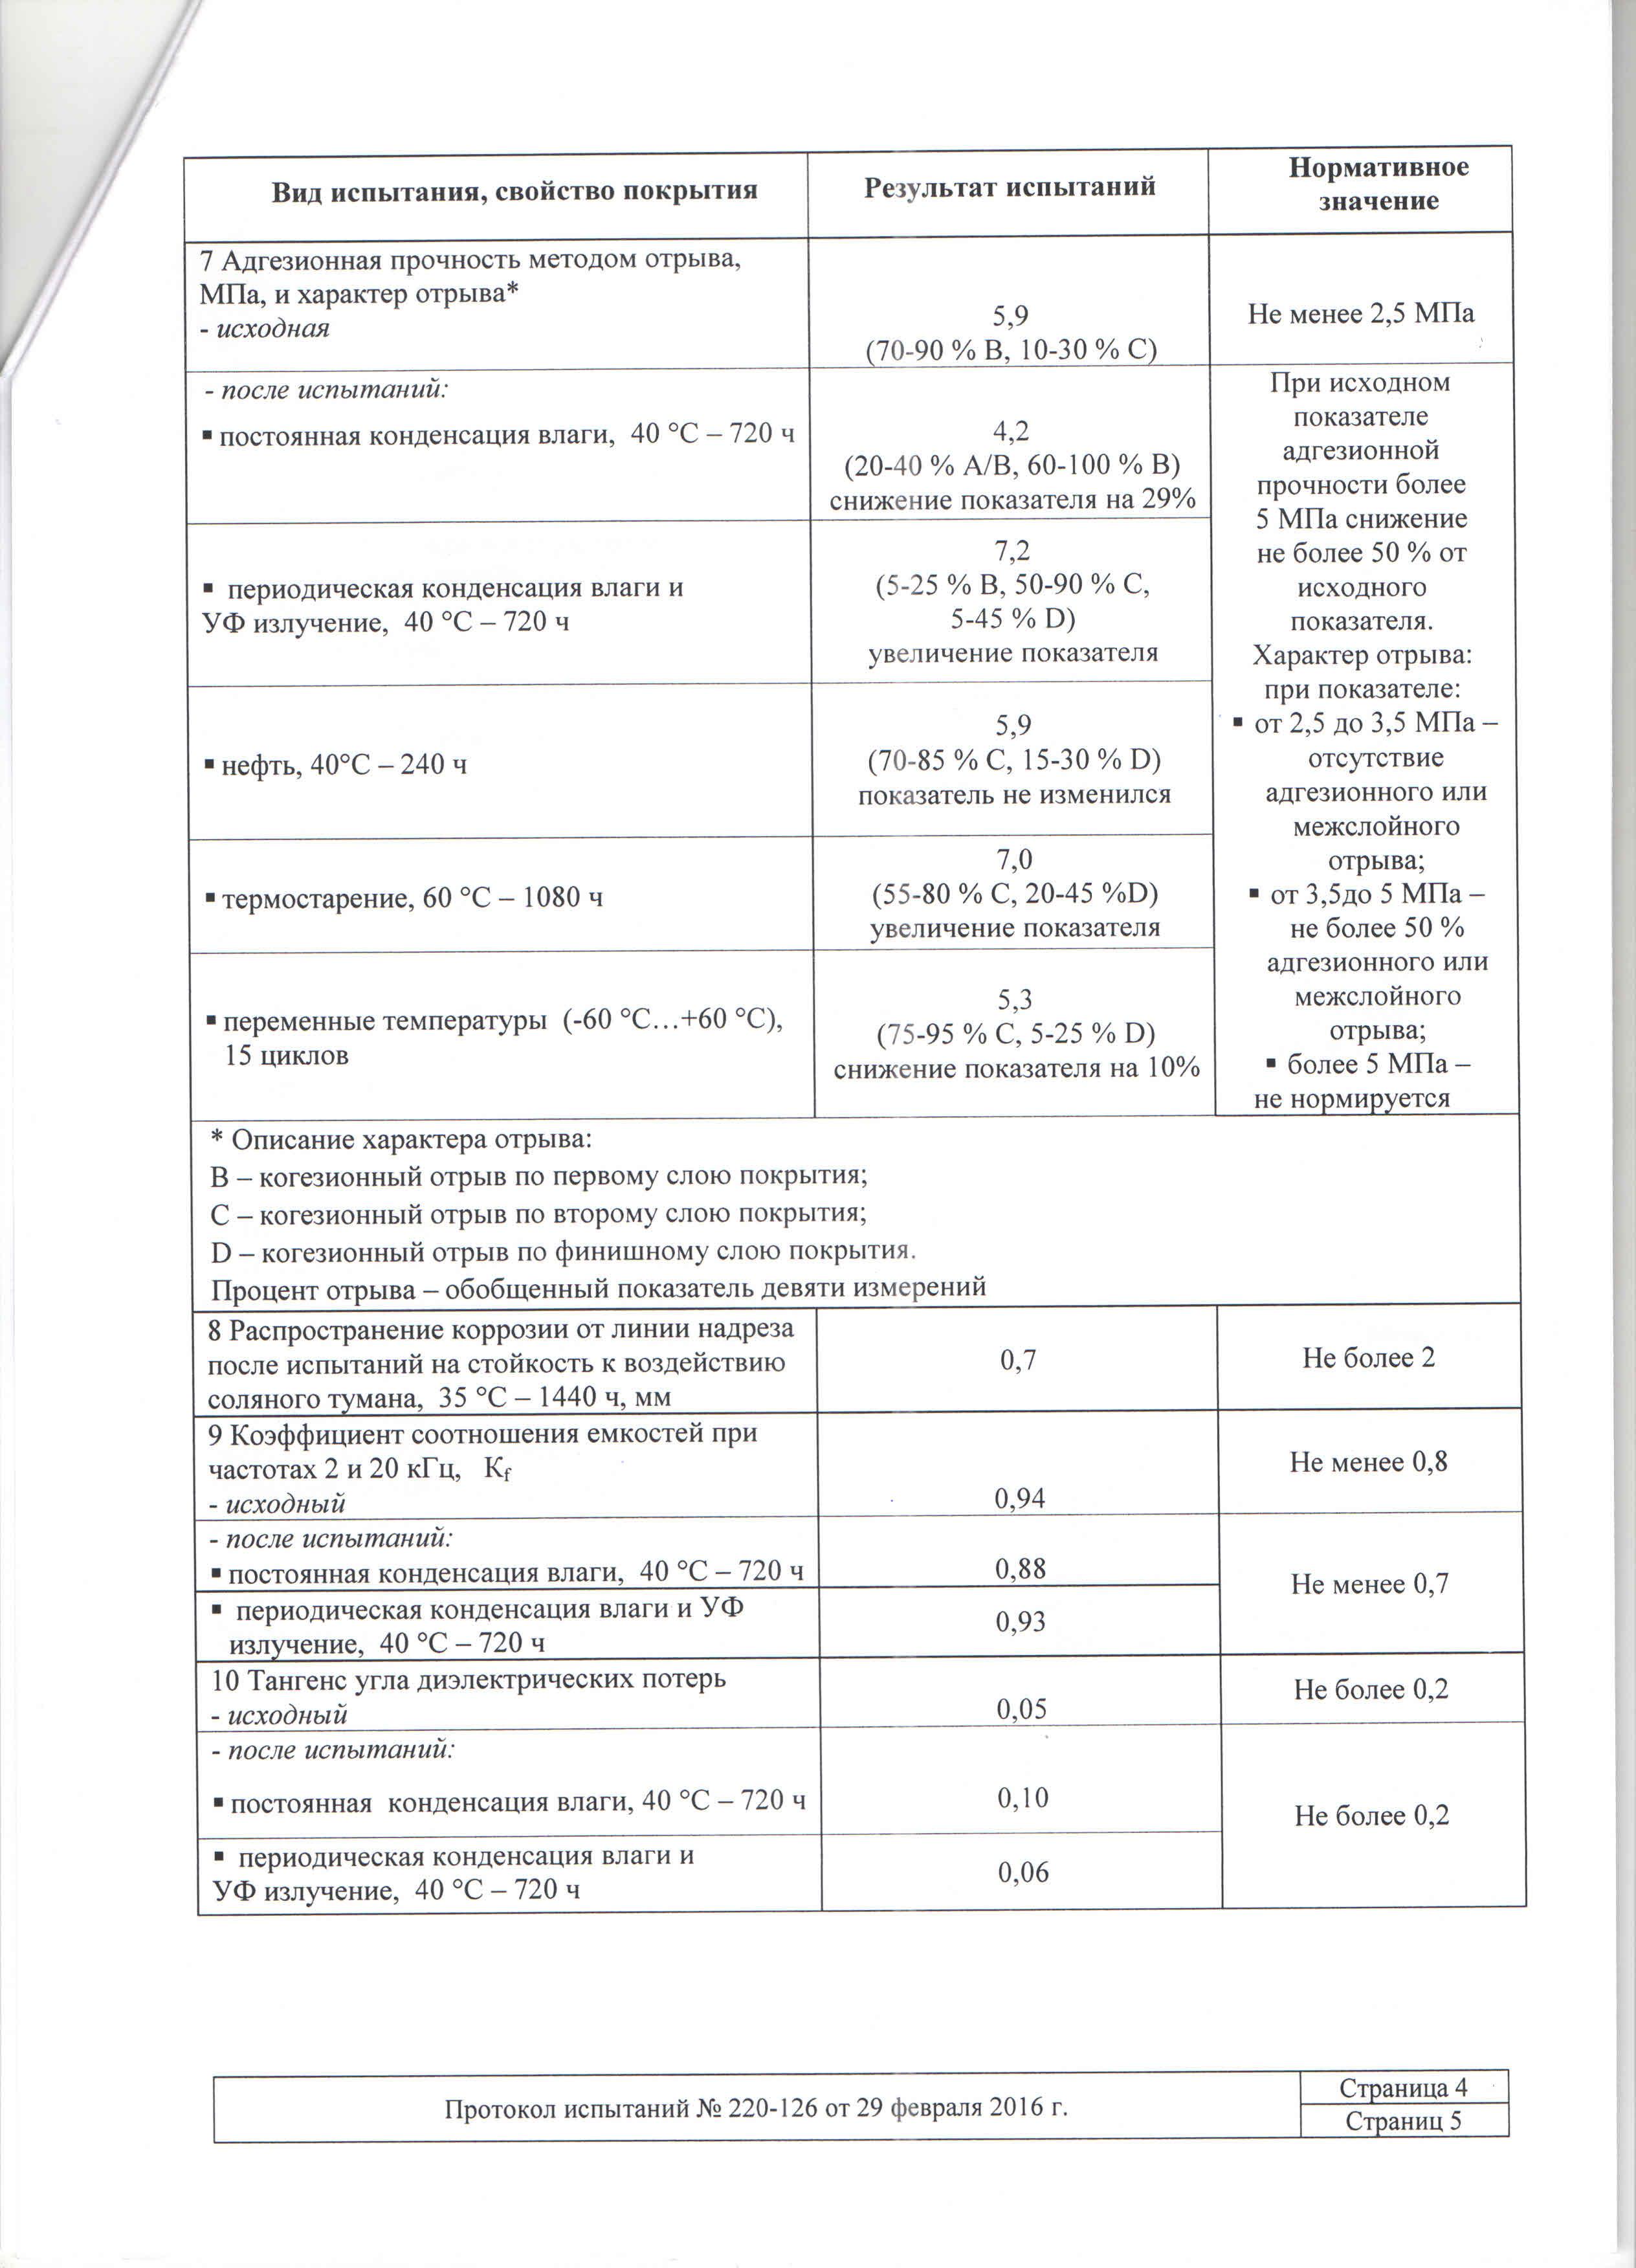 ВНИИСТ Цинк+07+N700 для резервуаров; С-3,С-4,С5-М-20 лет+Протокол №220-126_Страница_5